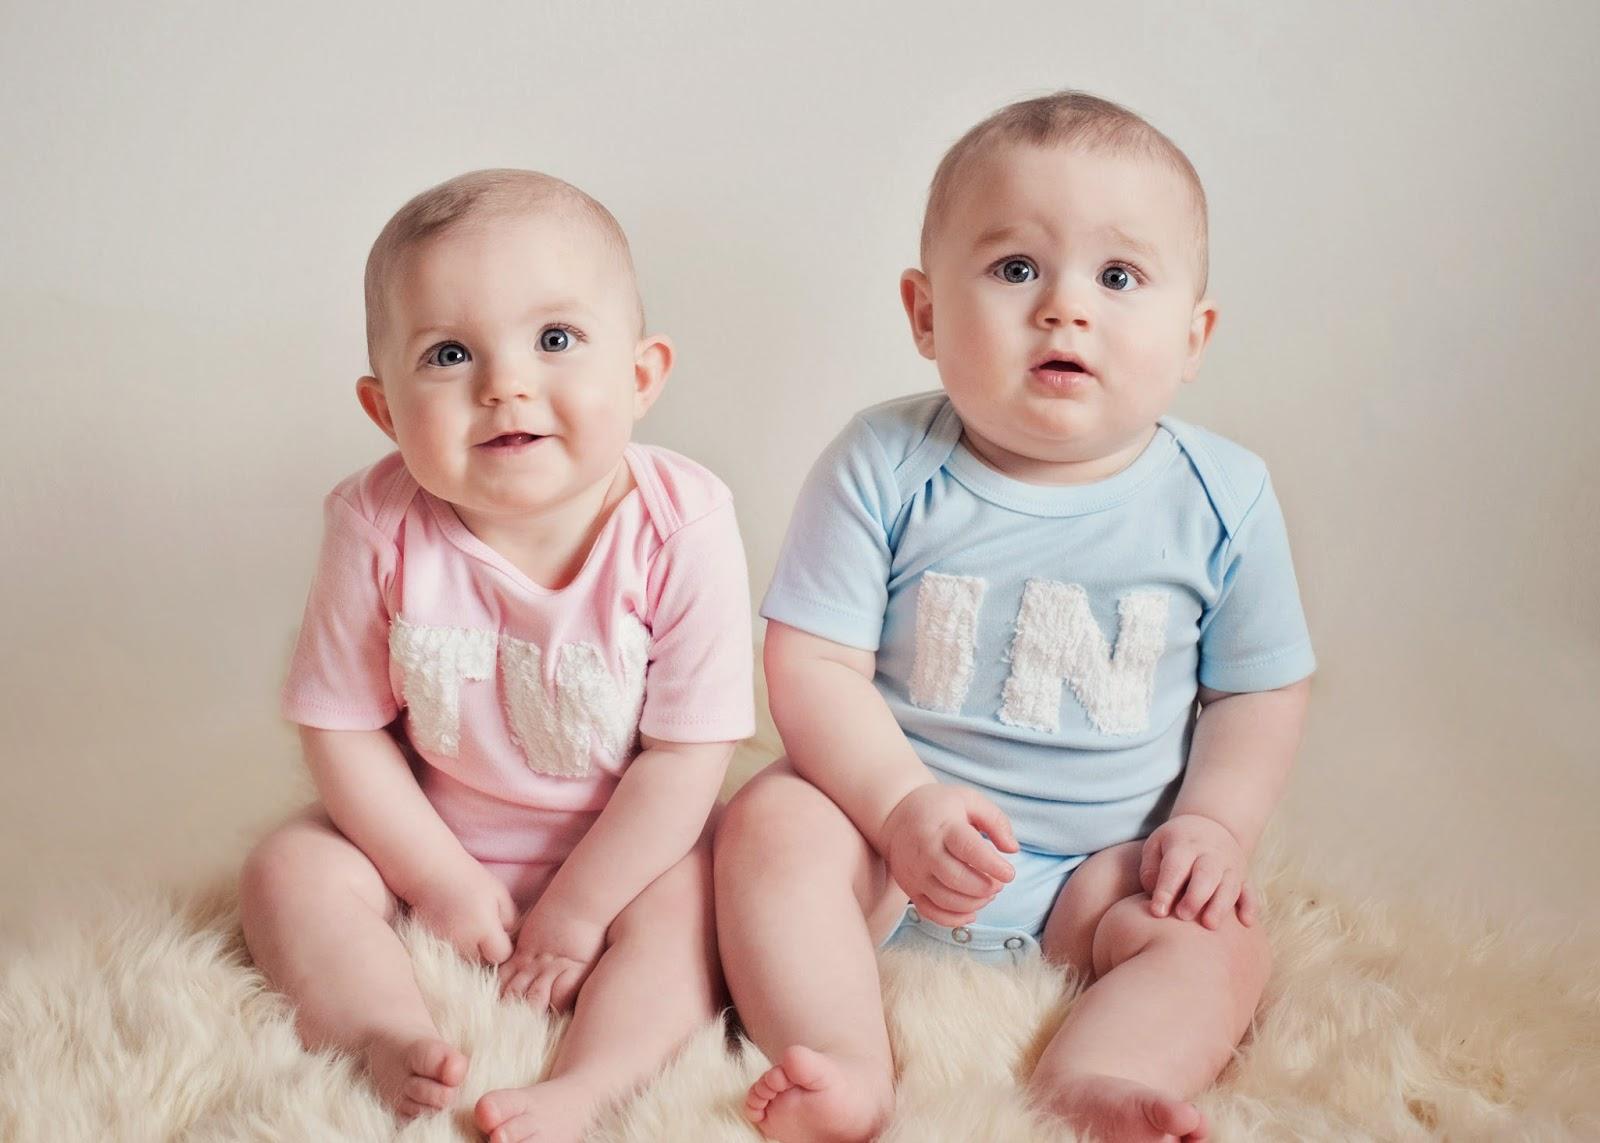 Mitos Mitos Unik Di Dunia 5 Mitos Unik Tentang Anak Kembar